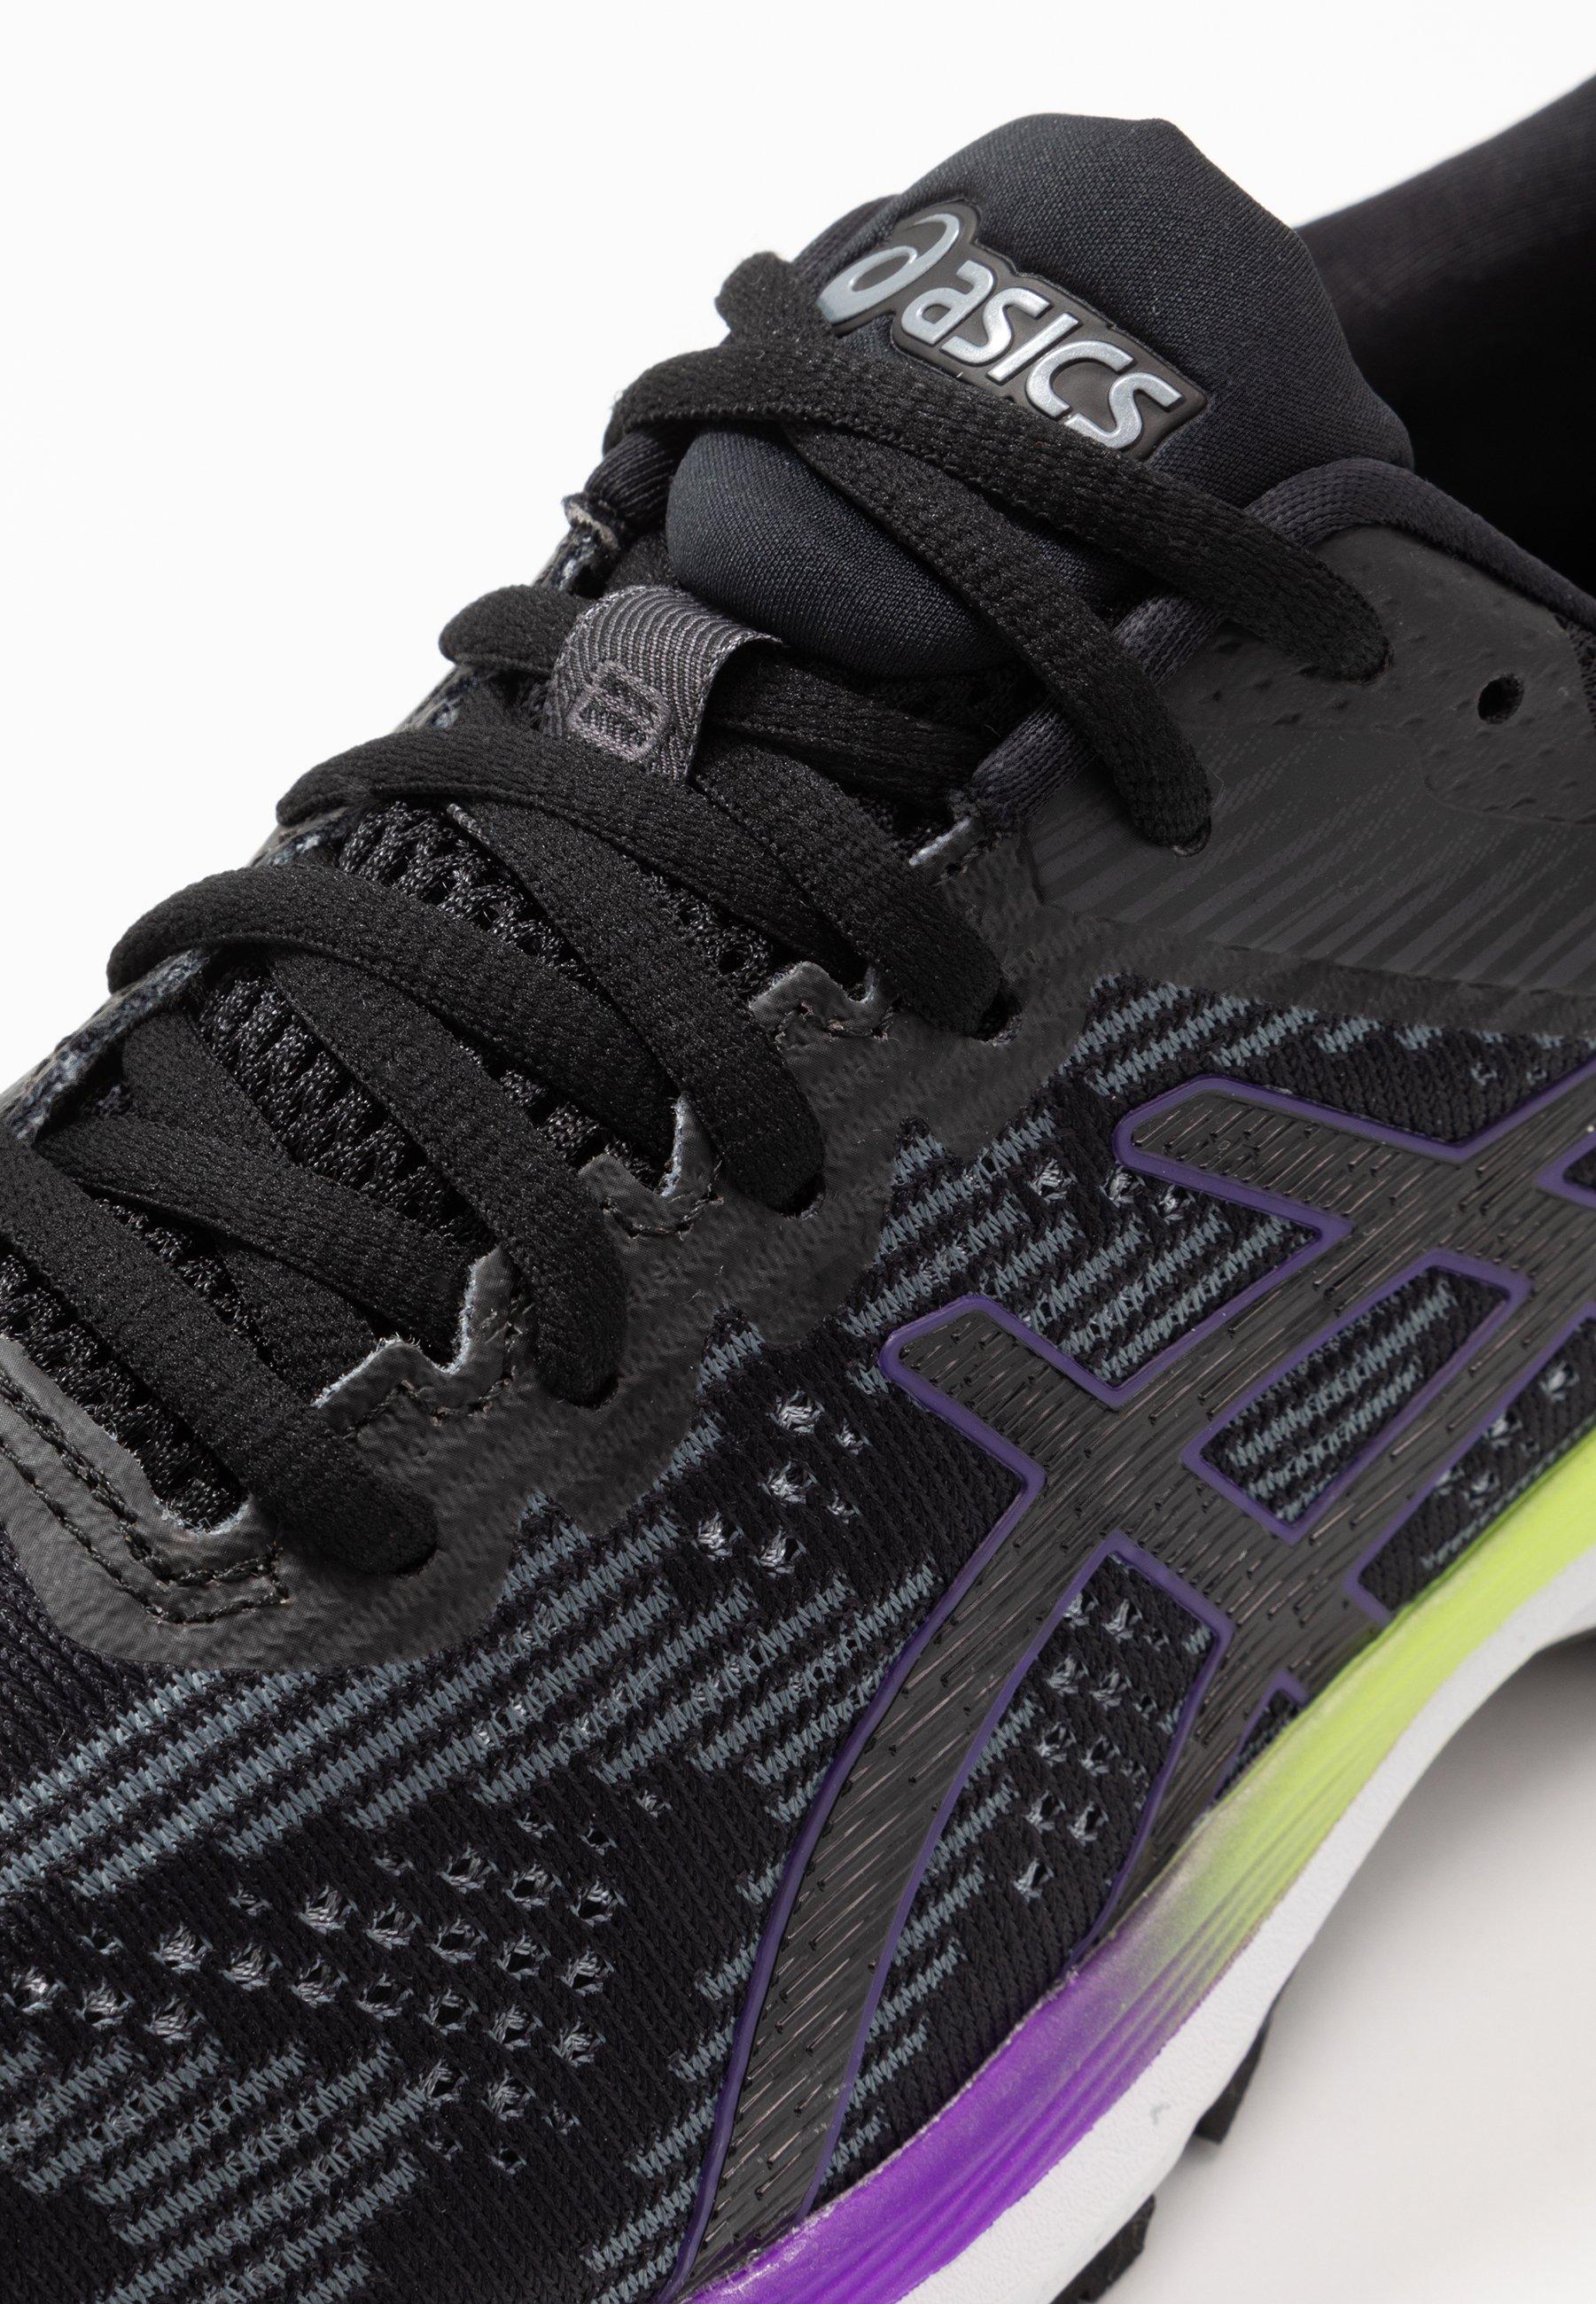 GT-2000 8 - Stabilty running shoes - black/sheet rock